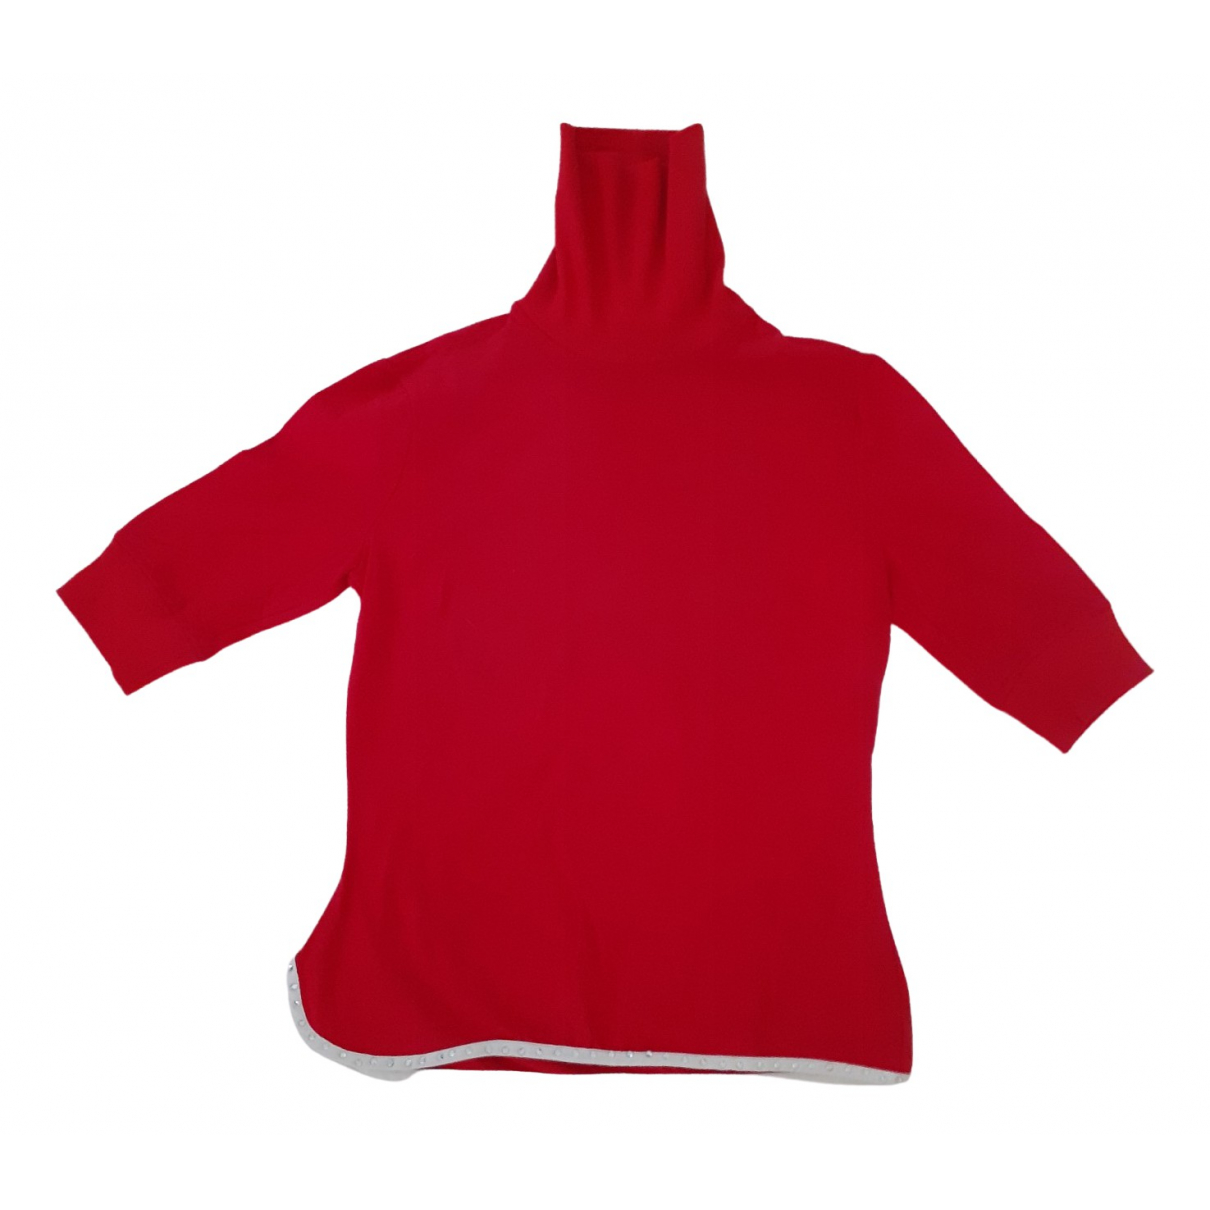 D&g - Pull   pour femme en coton - rouge